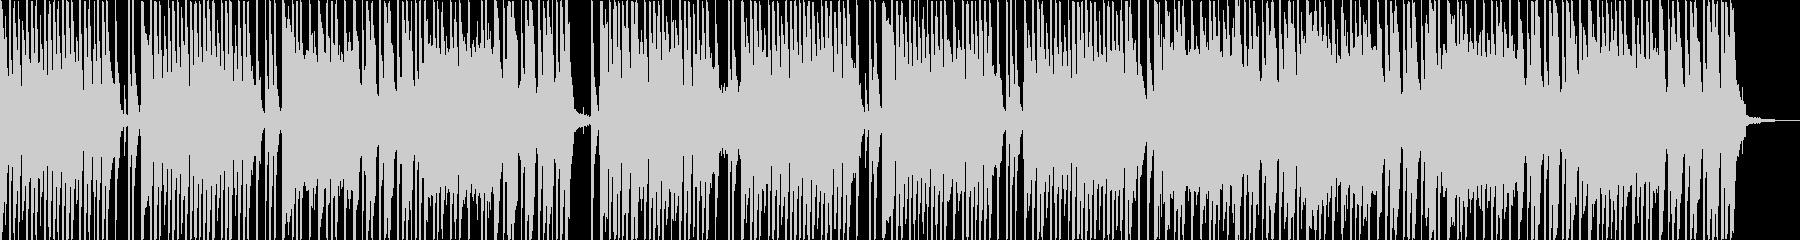 ドラムのリズムに軽快なキーボードの未再生の波形